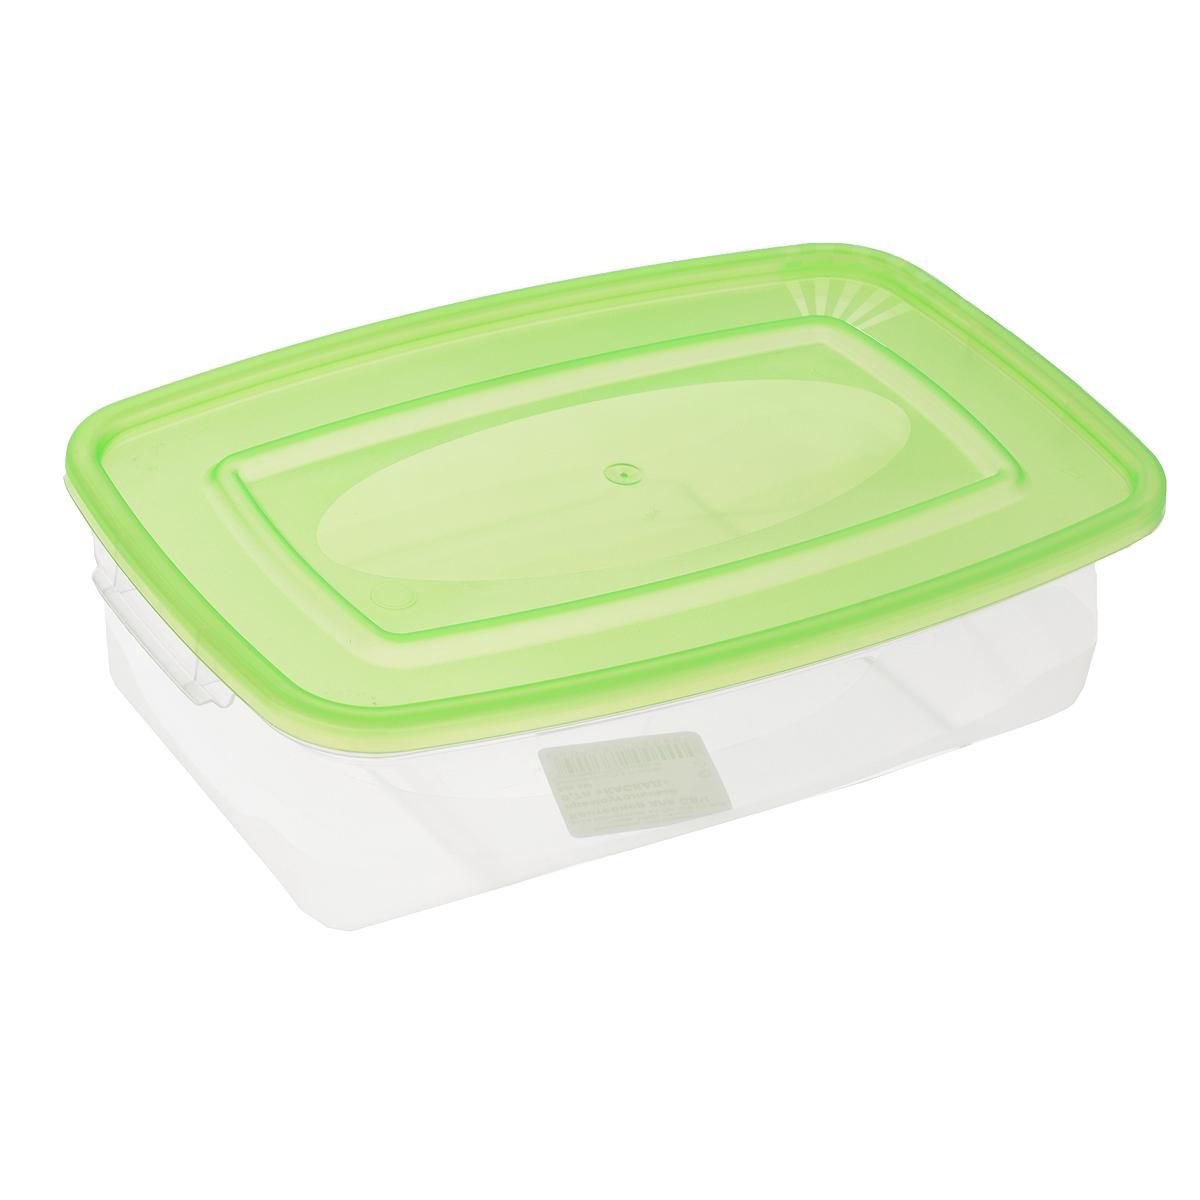 Контейнер для СВЧ Полимербыт Каскад, цвет: зеленый, прозрачный, 700 млС540Прямоугольный контейнер для СВЧ Полимербыт Каскад изготовлен из высококачественного прочного пластика, устойчивого к высоким температурам (до +120°С). Стенки контейнера прозрачные, что позволяет видеть содержимое. Цветная полупрозрачная крышка плотно закрывается. Контейнер идеально подходит для хранения пищи, его удобно брать с собой на работу, учебу, пикник или просто использовать для хранения пищи в холодильнике. Можно использовать в микроволновой печи и для заморозки в морозильной камере. Можно мыть в посудомоечной машине.